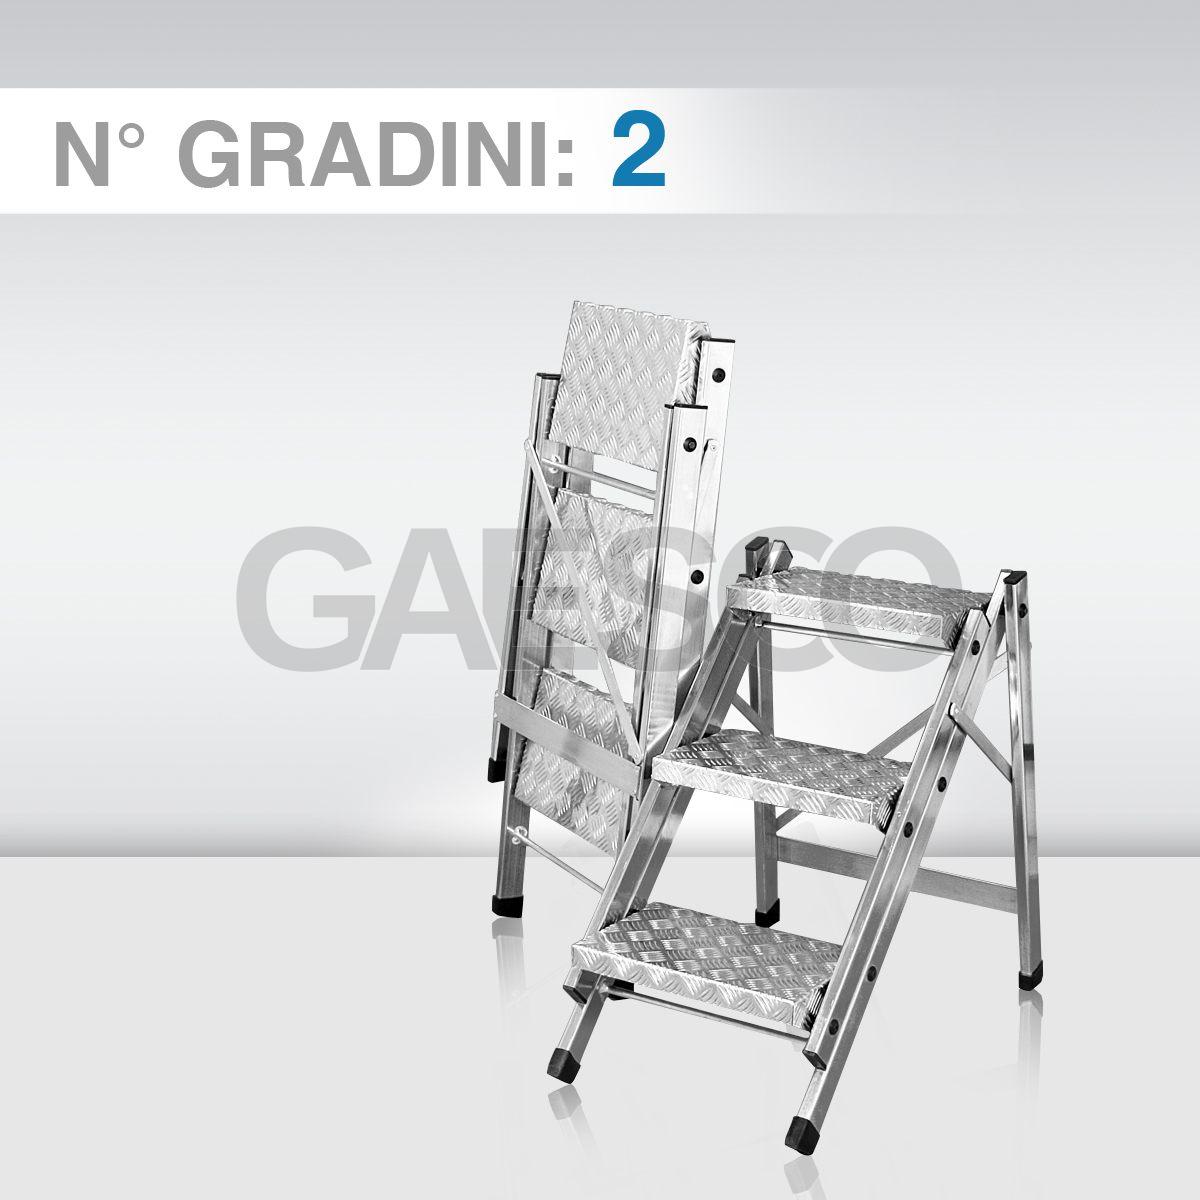 Sgabelli Pieghevoli Alluminio.Sgabello Pieghevole In Alluminio Con Gradini In Lastra Mandorlata 2 Gradini